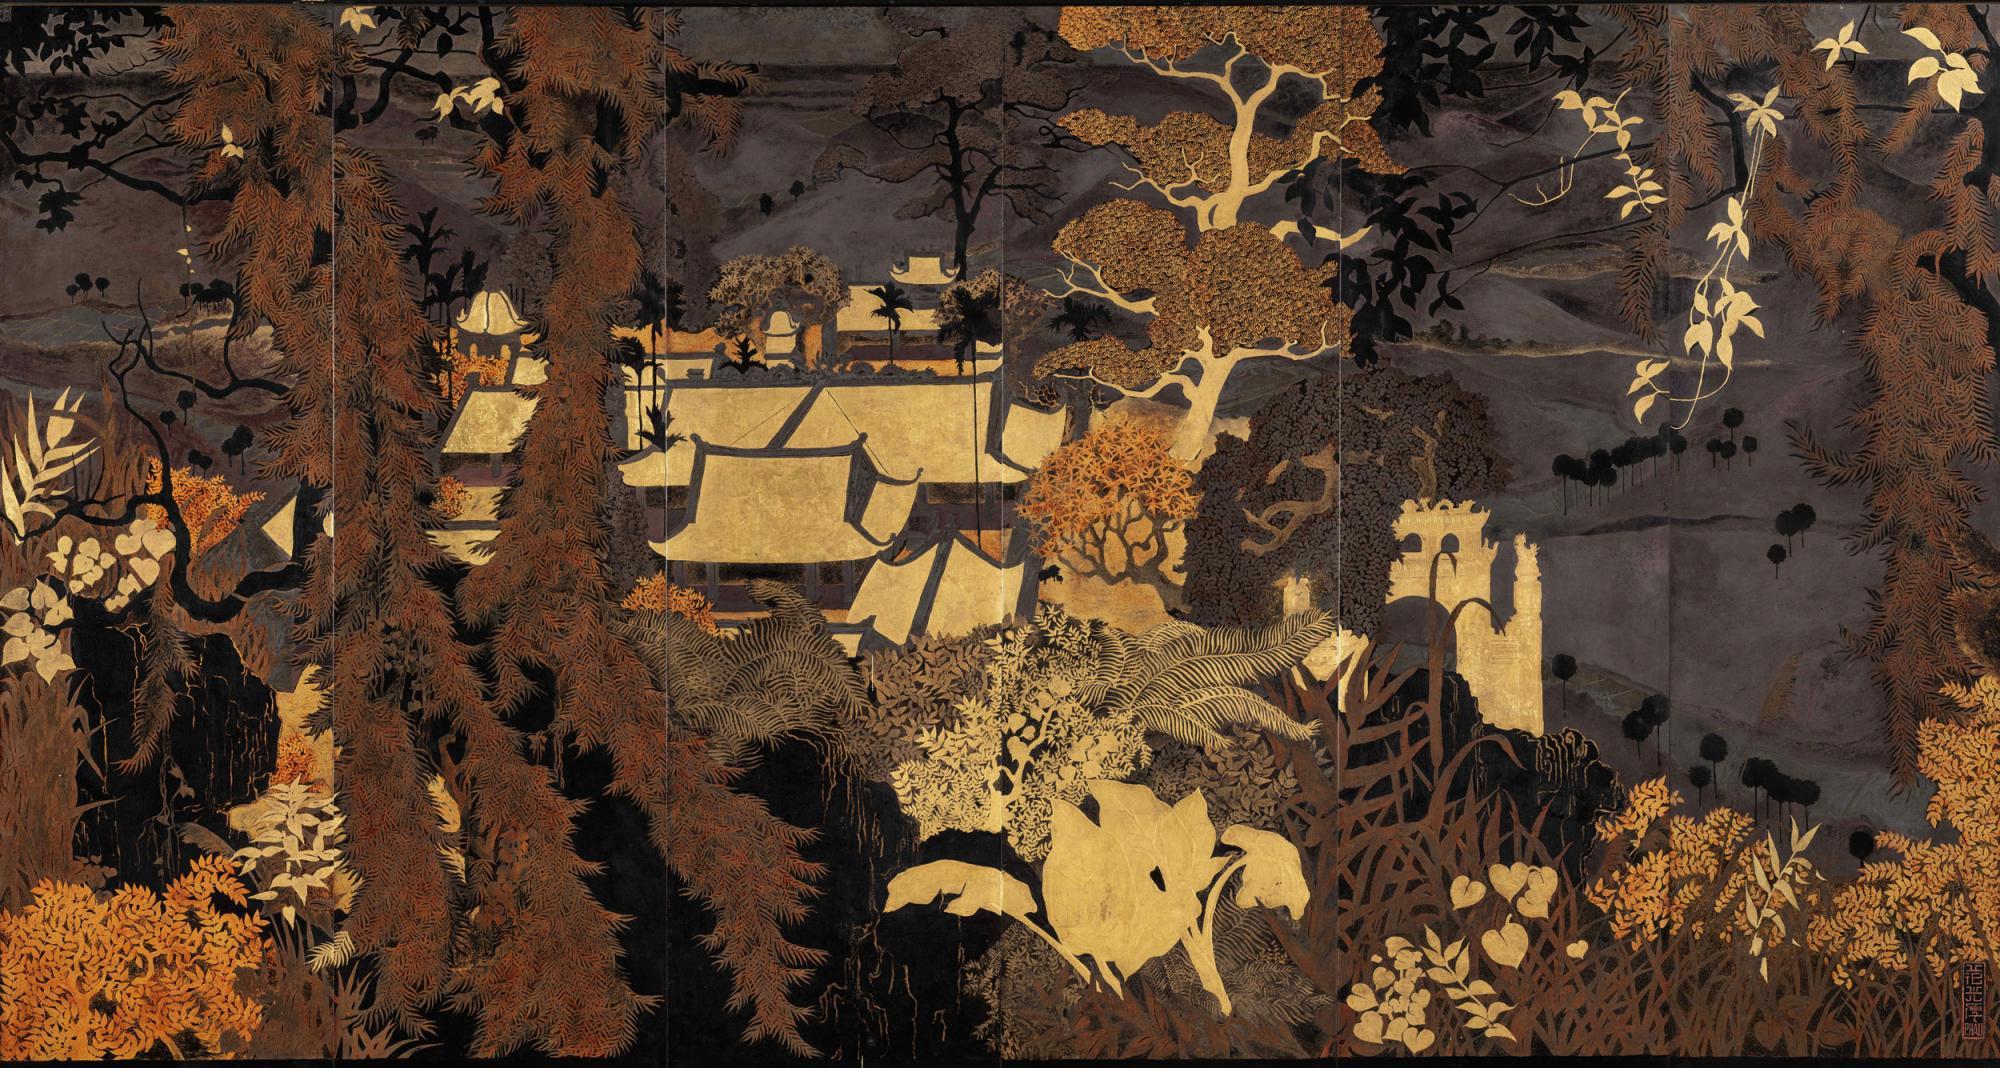 范光厚《越南北部古佛塔》,漆畫木板,六折地屏風,104.5 x 183 公分,估價:3,200,000 - 4,000,000 港元。